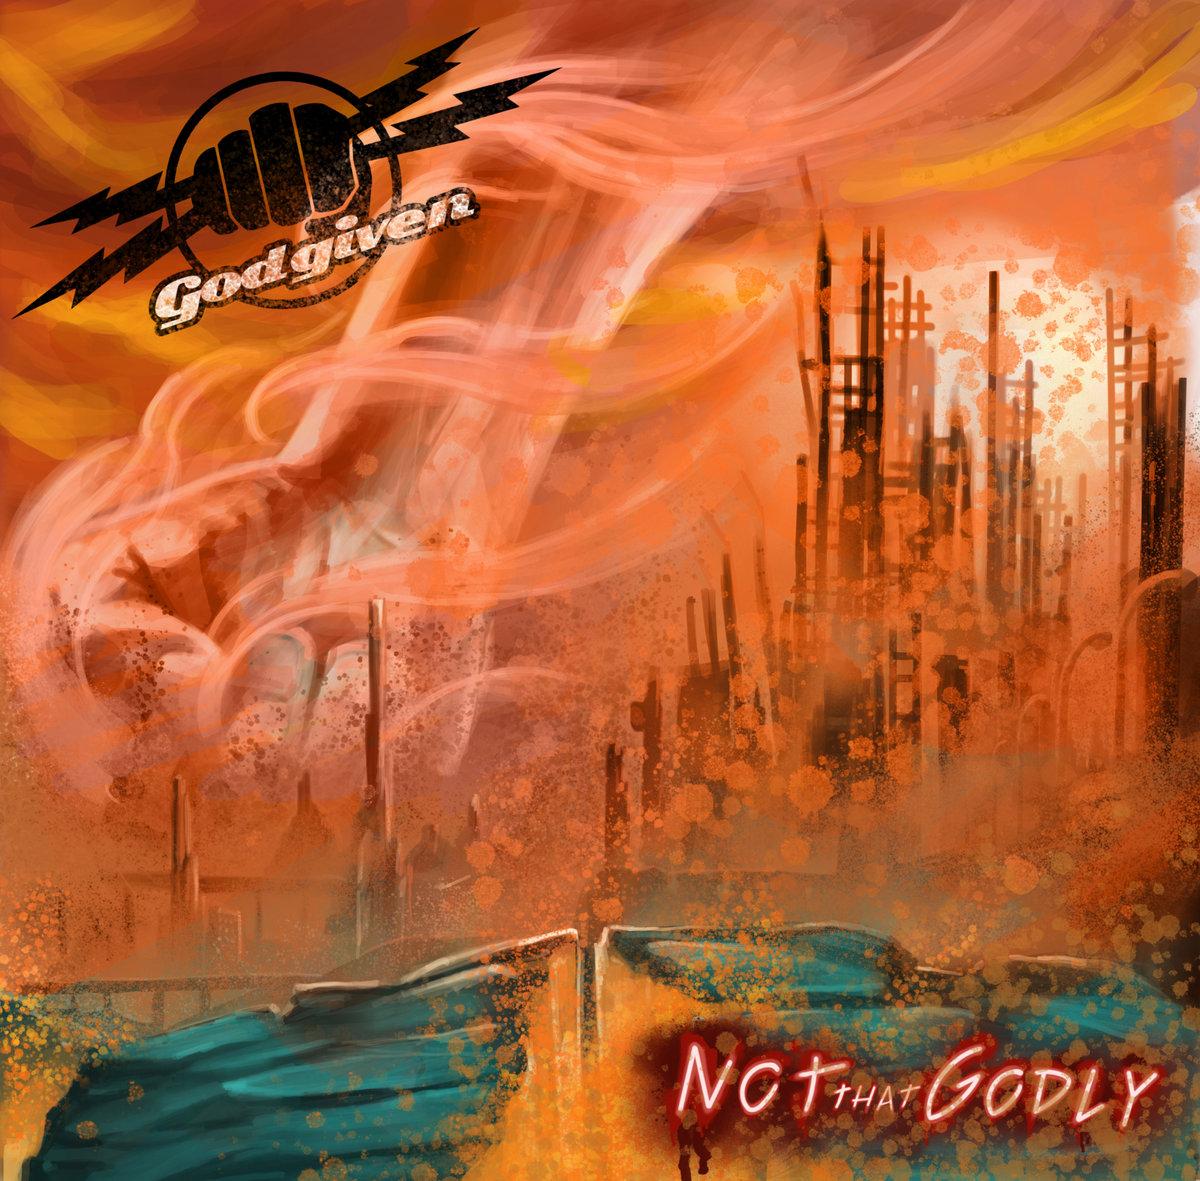 www.facebook.com/godgivenband